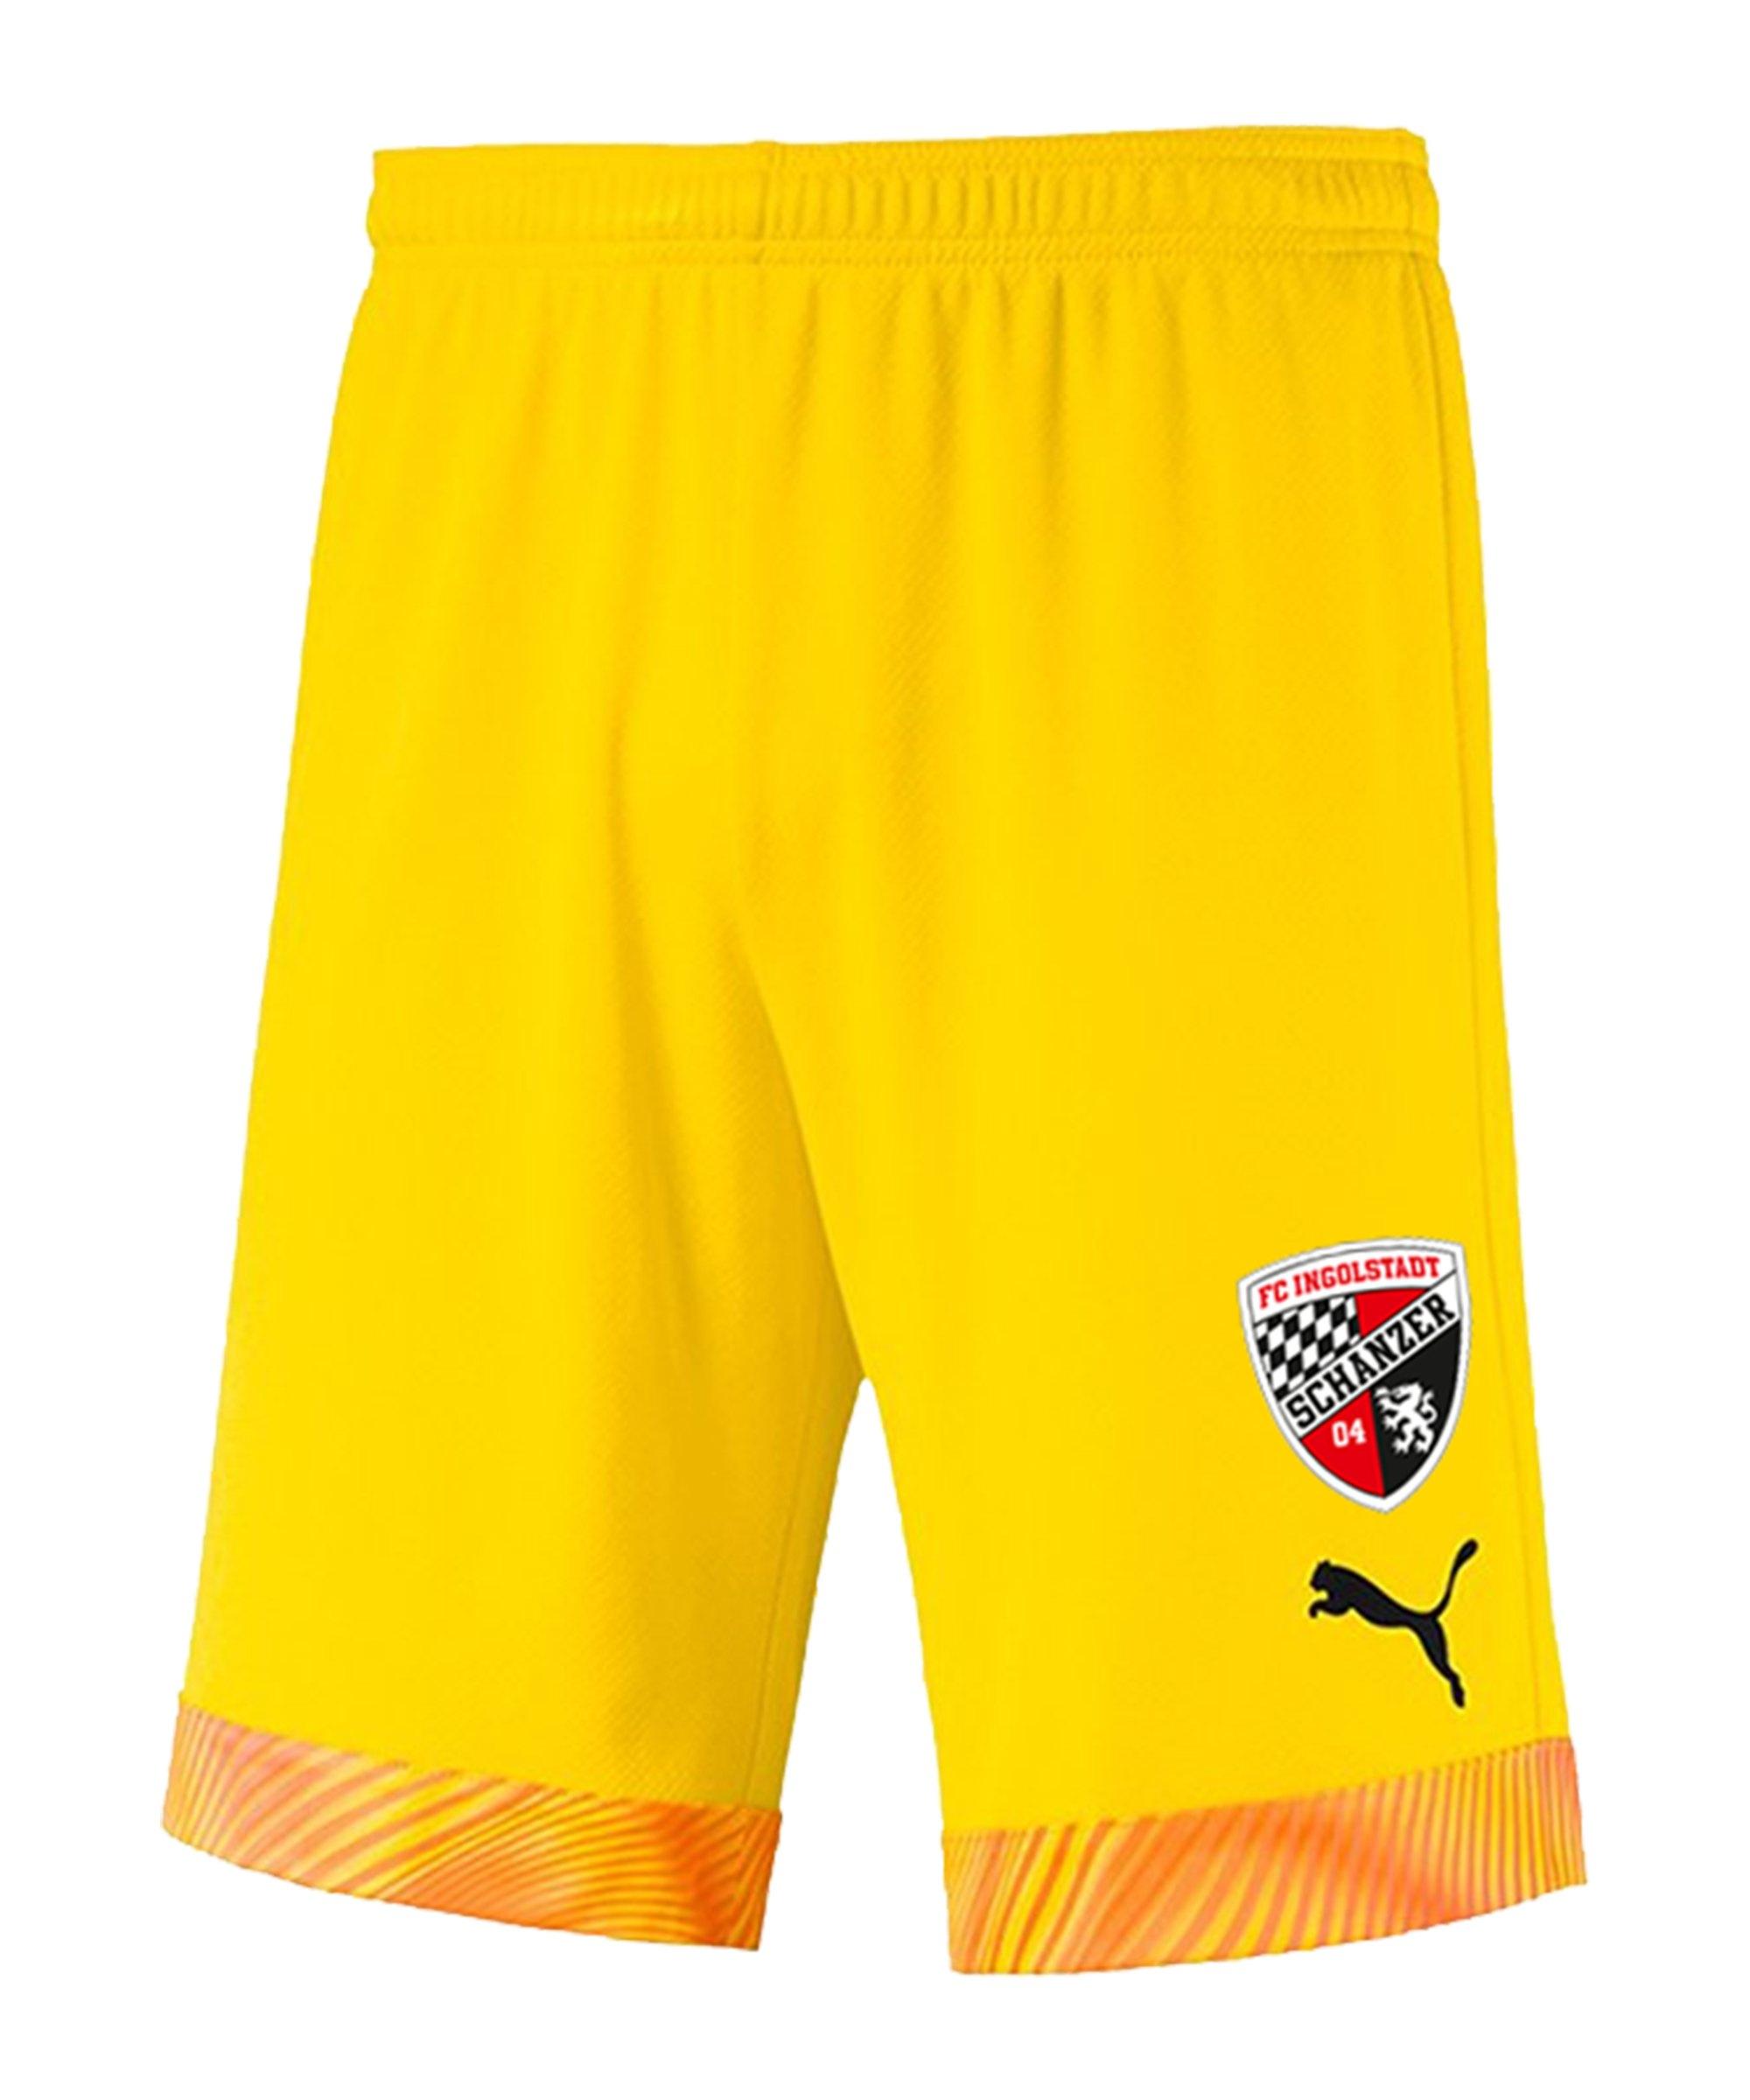 PUMA FC Ingolstadt 04 Torwartshort 2020/2021 Kids Gelb F45 - gelb